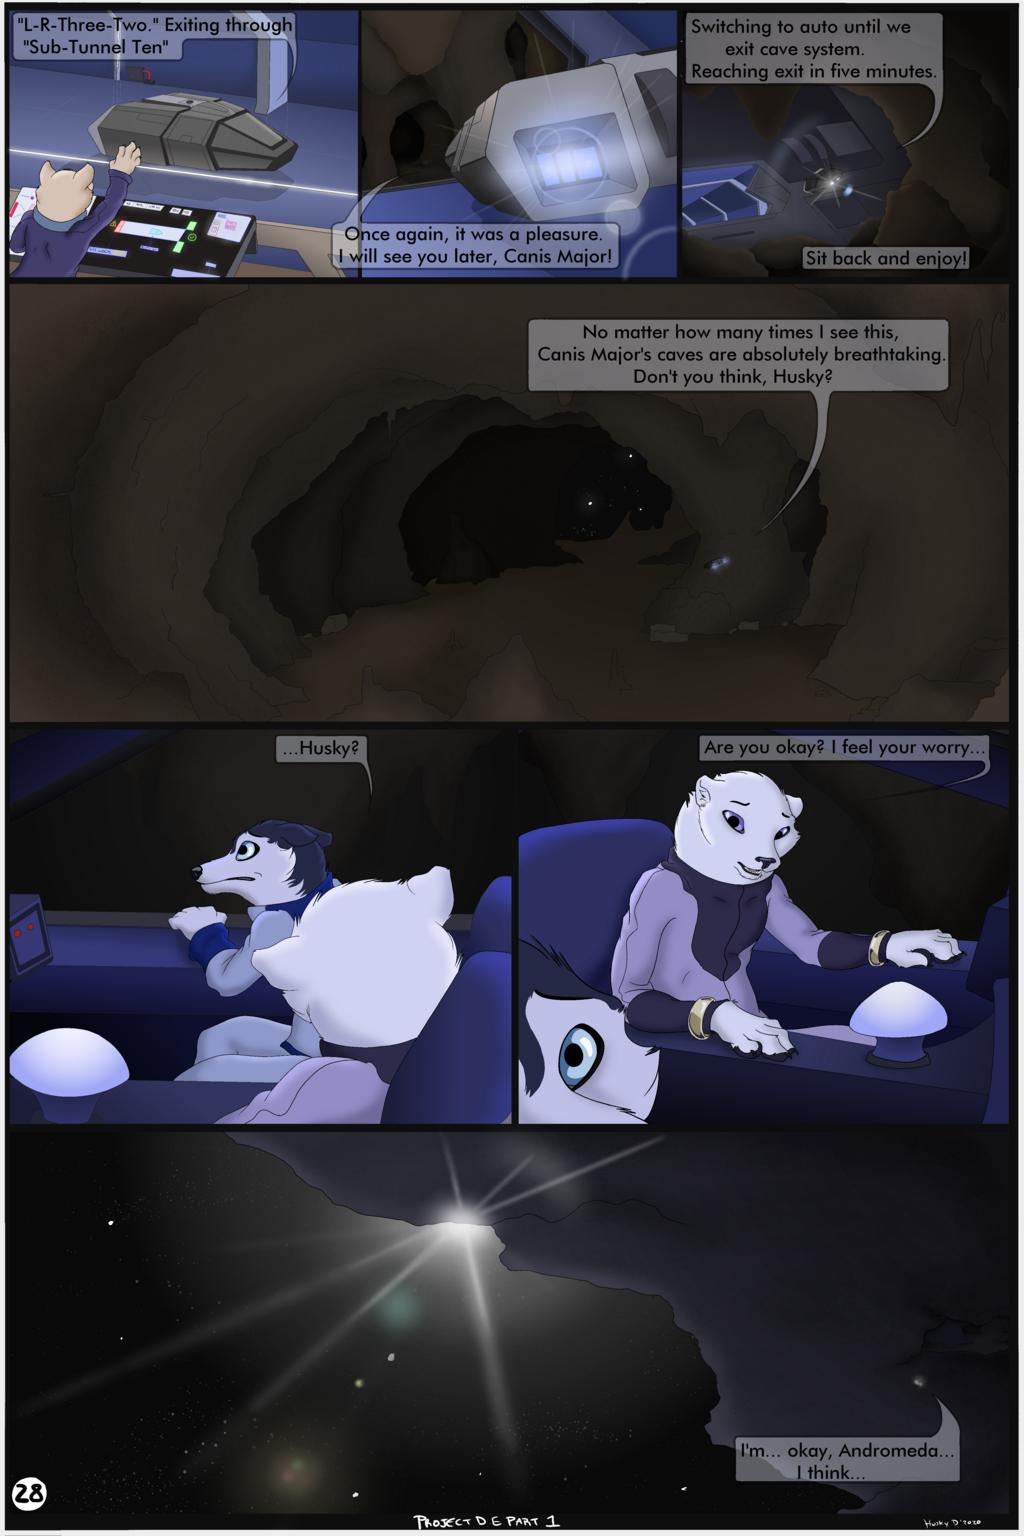 Project D.E -Comic part 1- (Page 28)